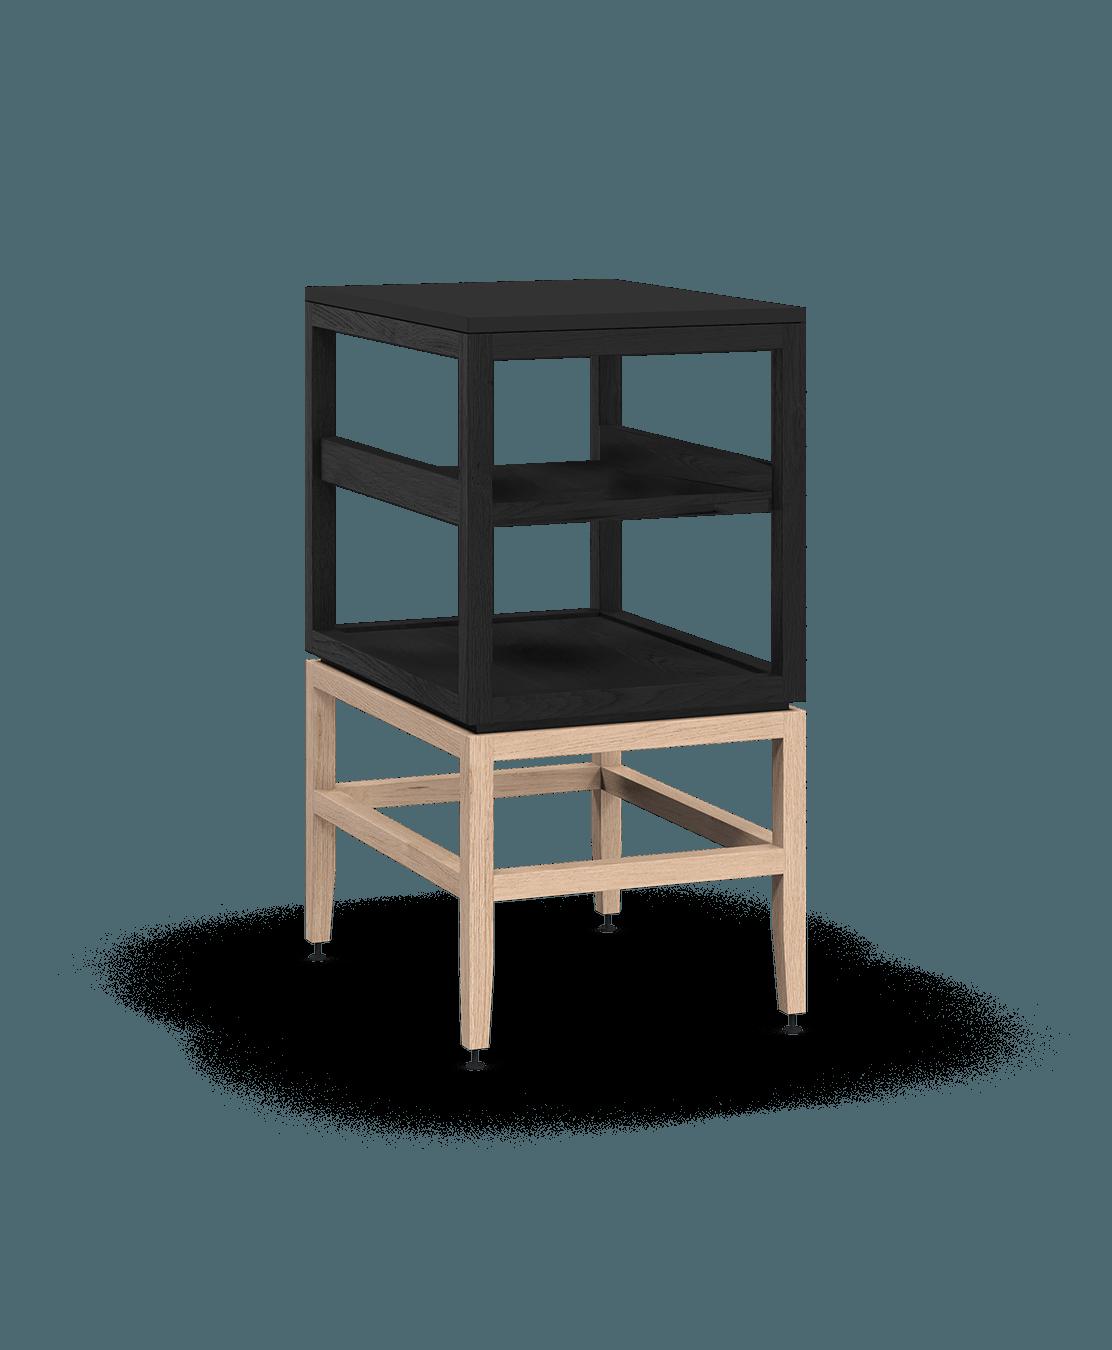 armoire ouverte modulaire de rangement en bois massif coquo volitare avec cube 1 tablette chêne teint noir nuit profonde chêne blanc 18 pouces C2-N-1824-001W2-BK-NA